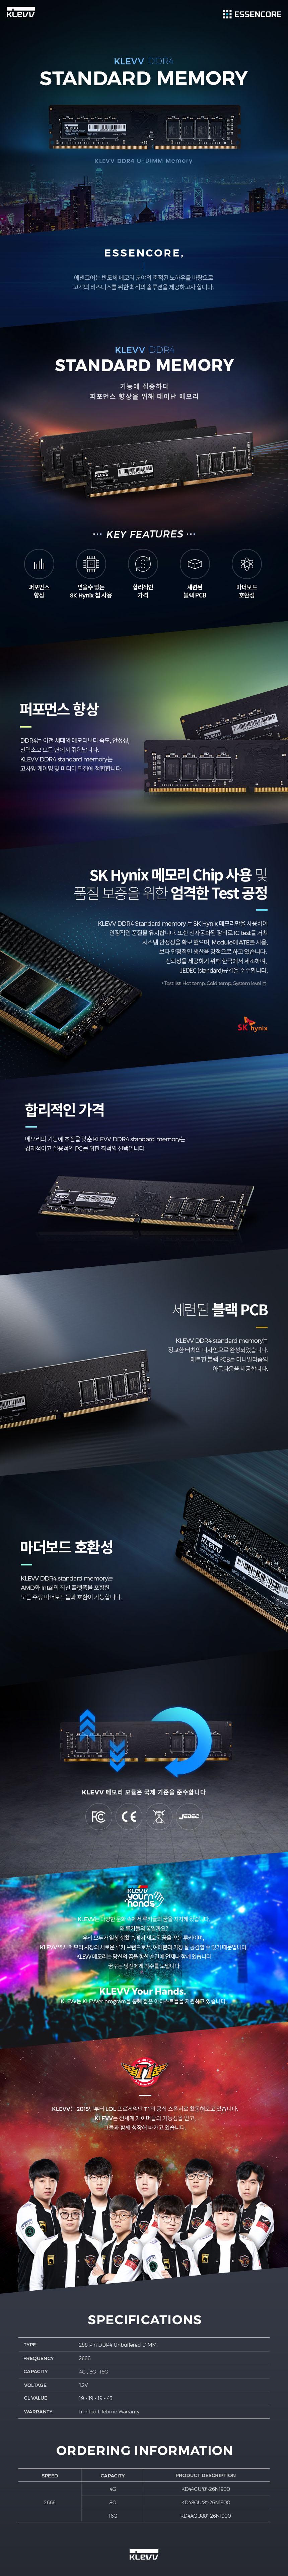 ESSENCORE KLEVV DDR4 16G PC4-21300 CL19